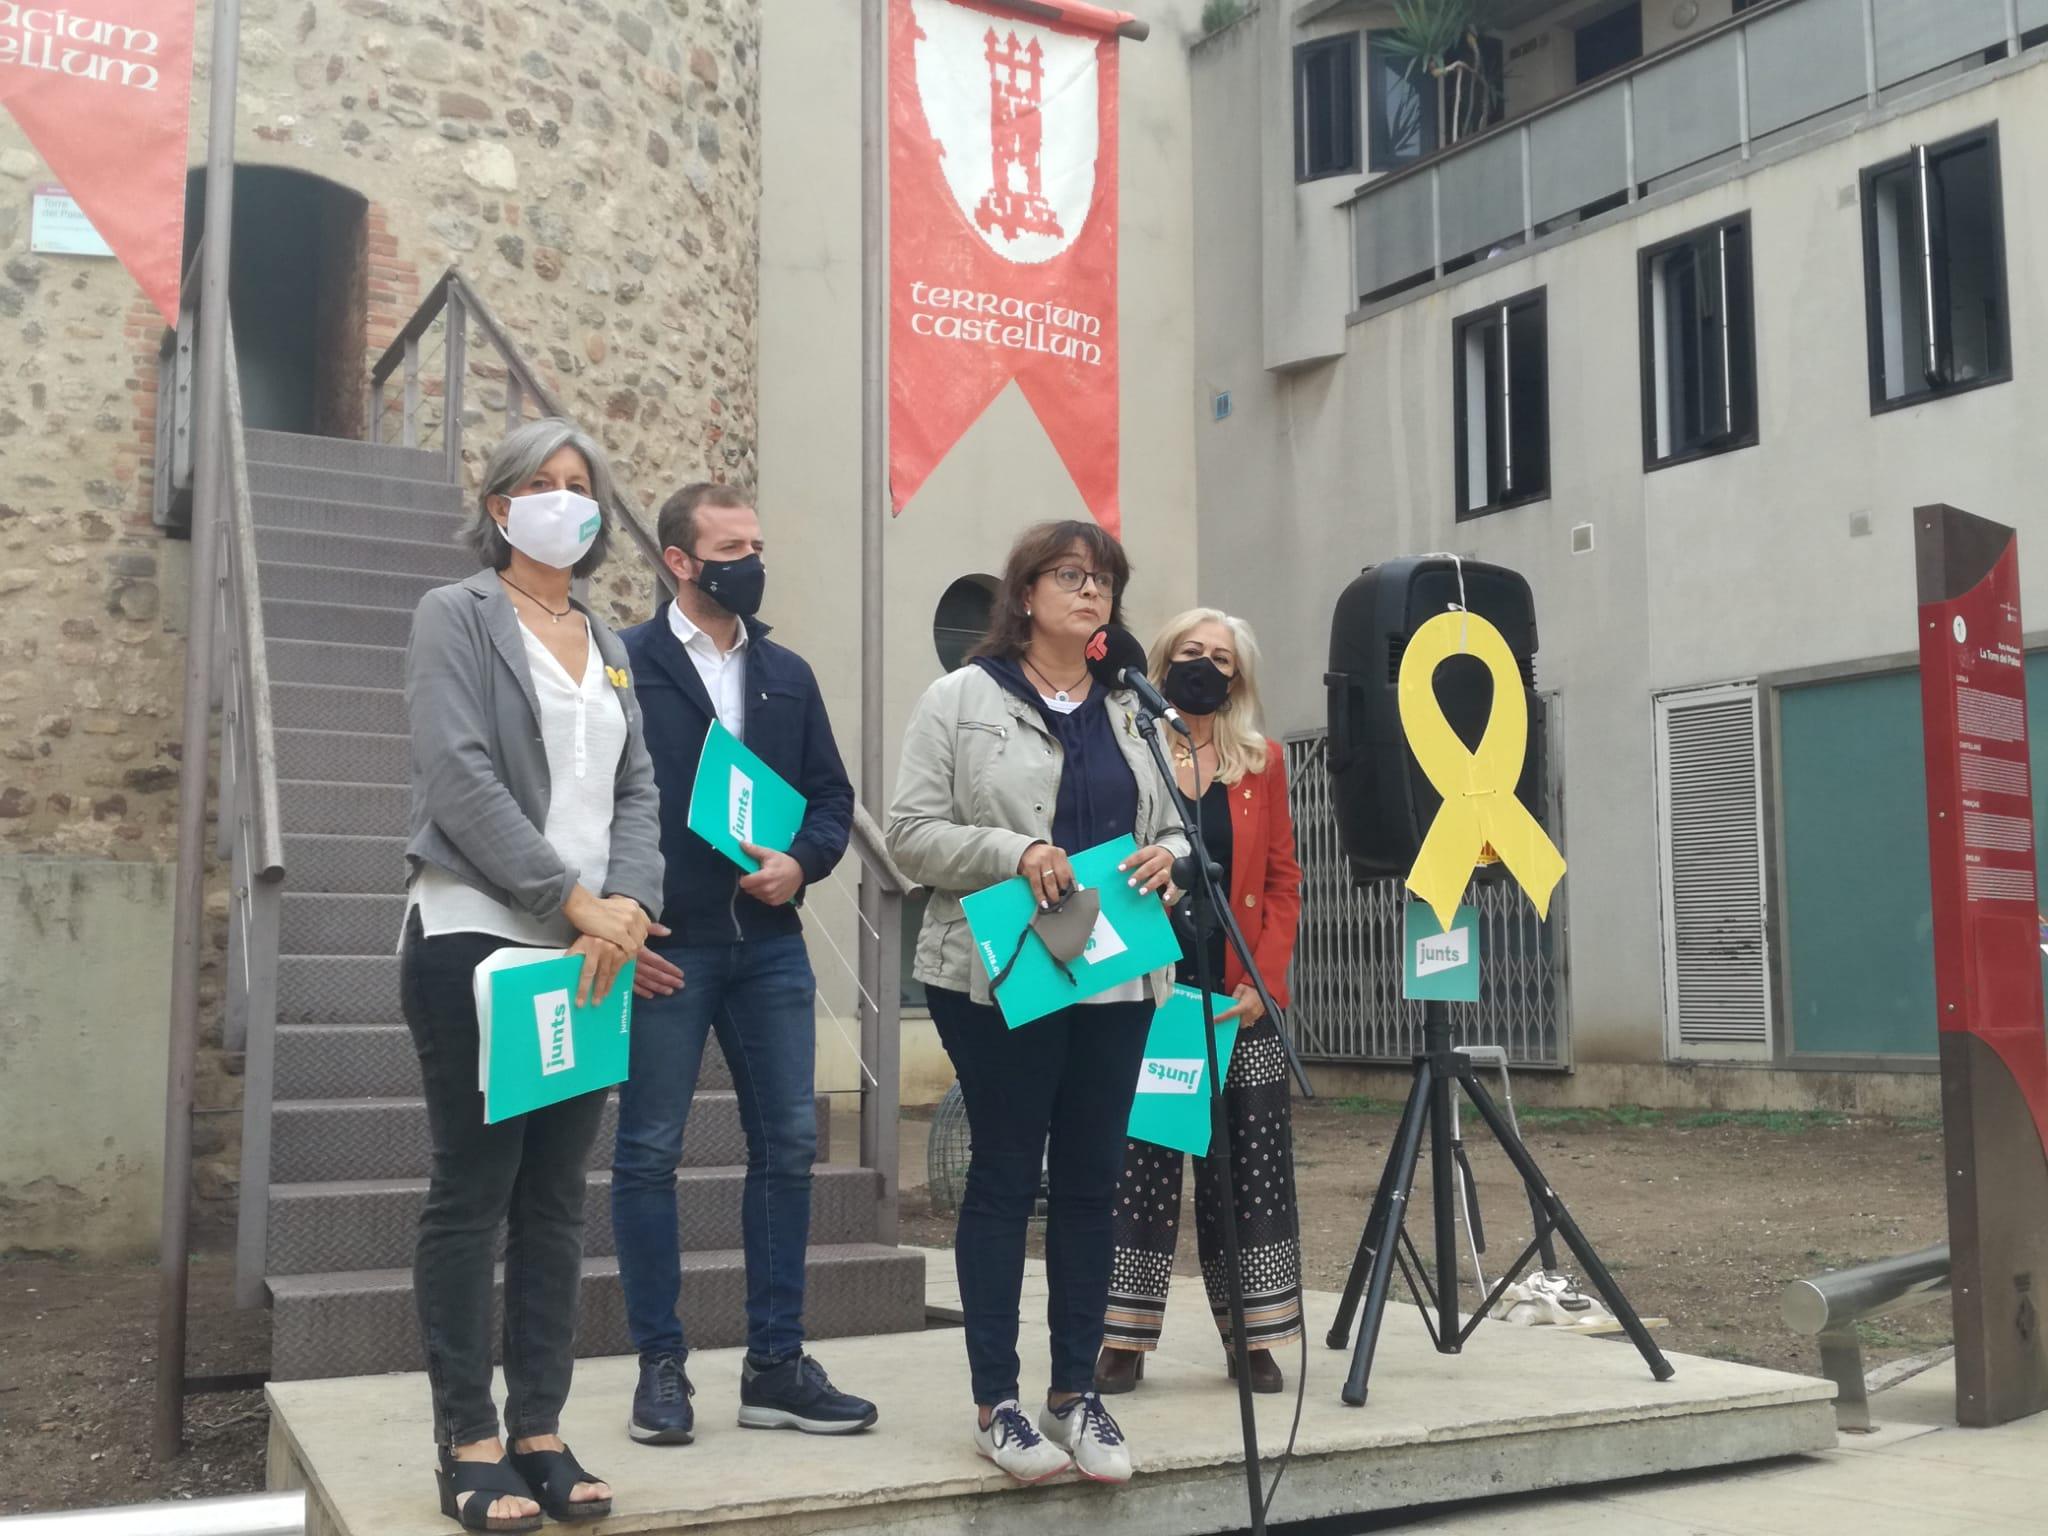 Meritxell Lluís durant la seva intervenció, juntament amb Carmela Fortuny, Nil López i Cesca Berenguer | Laura Gómez